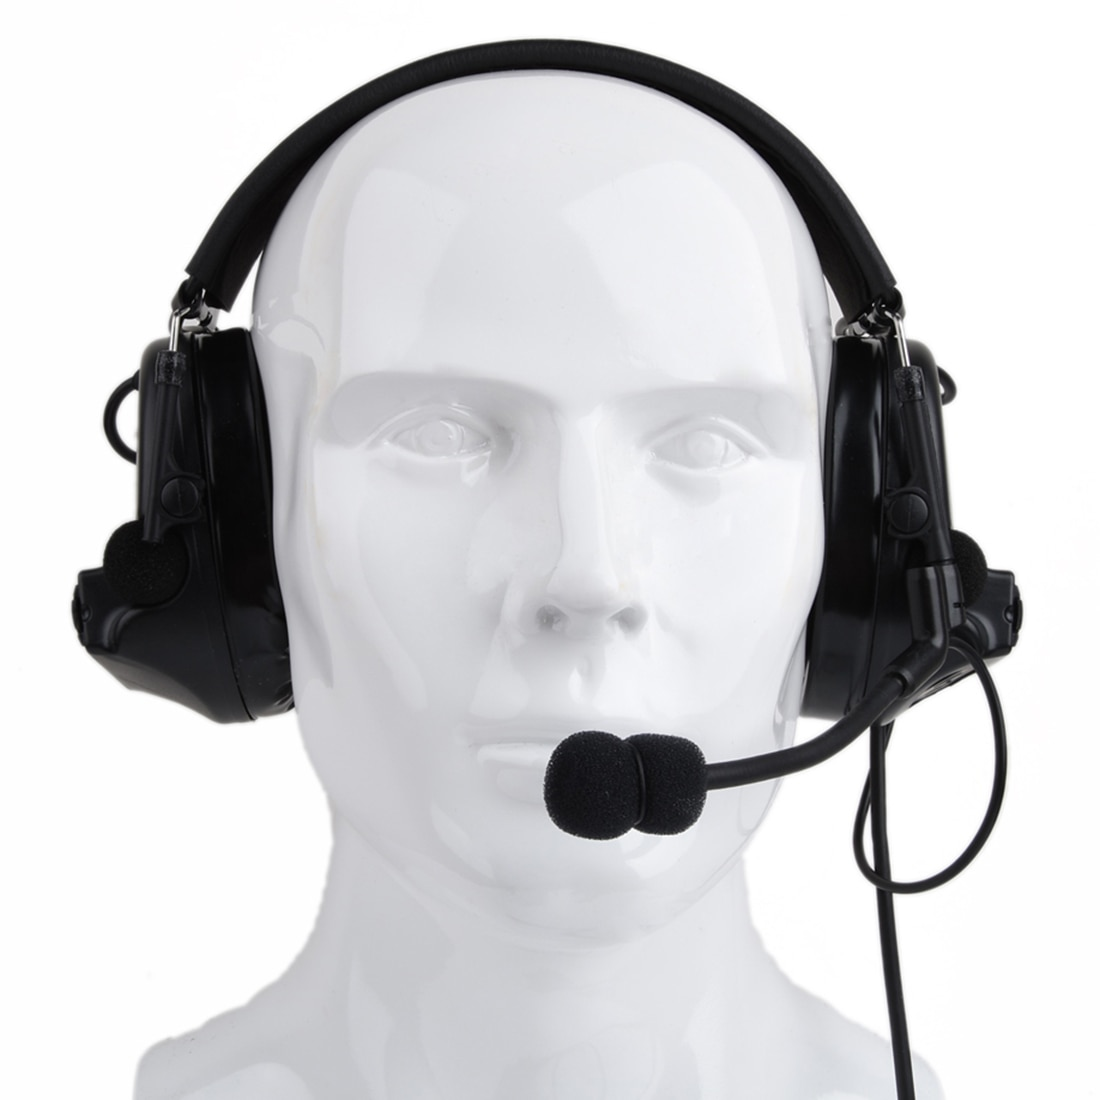 Z-TAC Comtac II auriculares tácticos Anti-ruido reducción de ruido orejeras protección auditiva-Negro